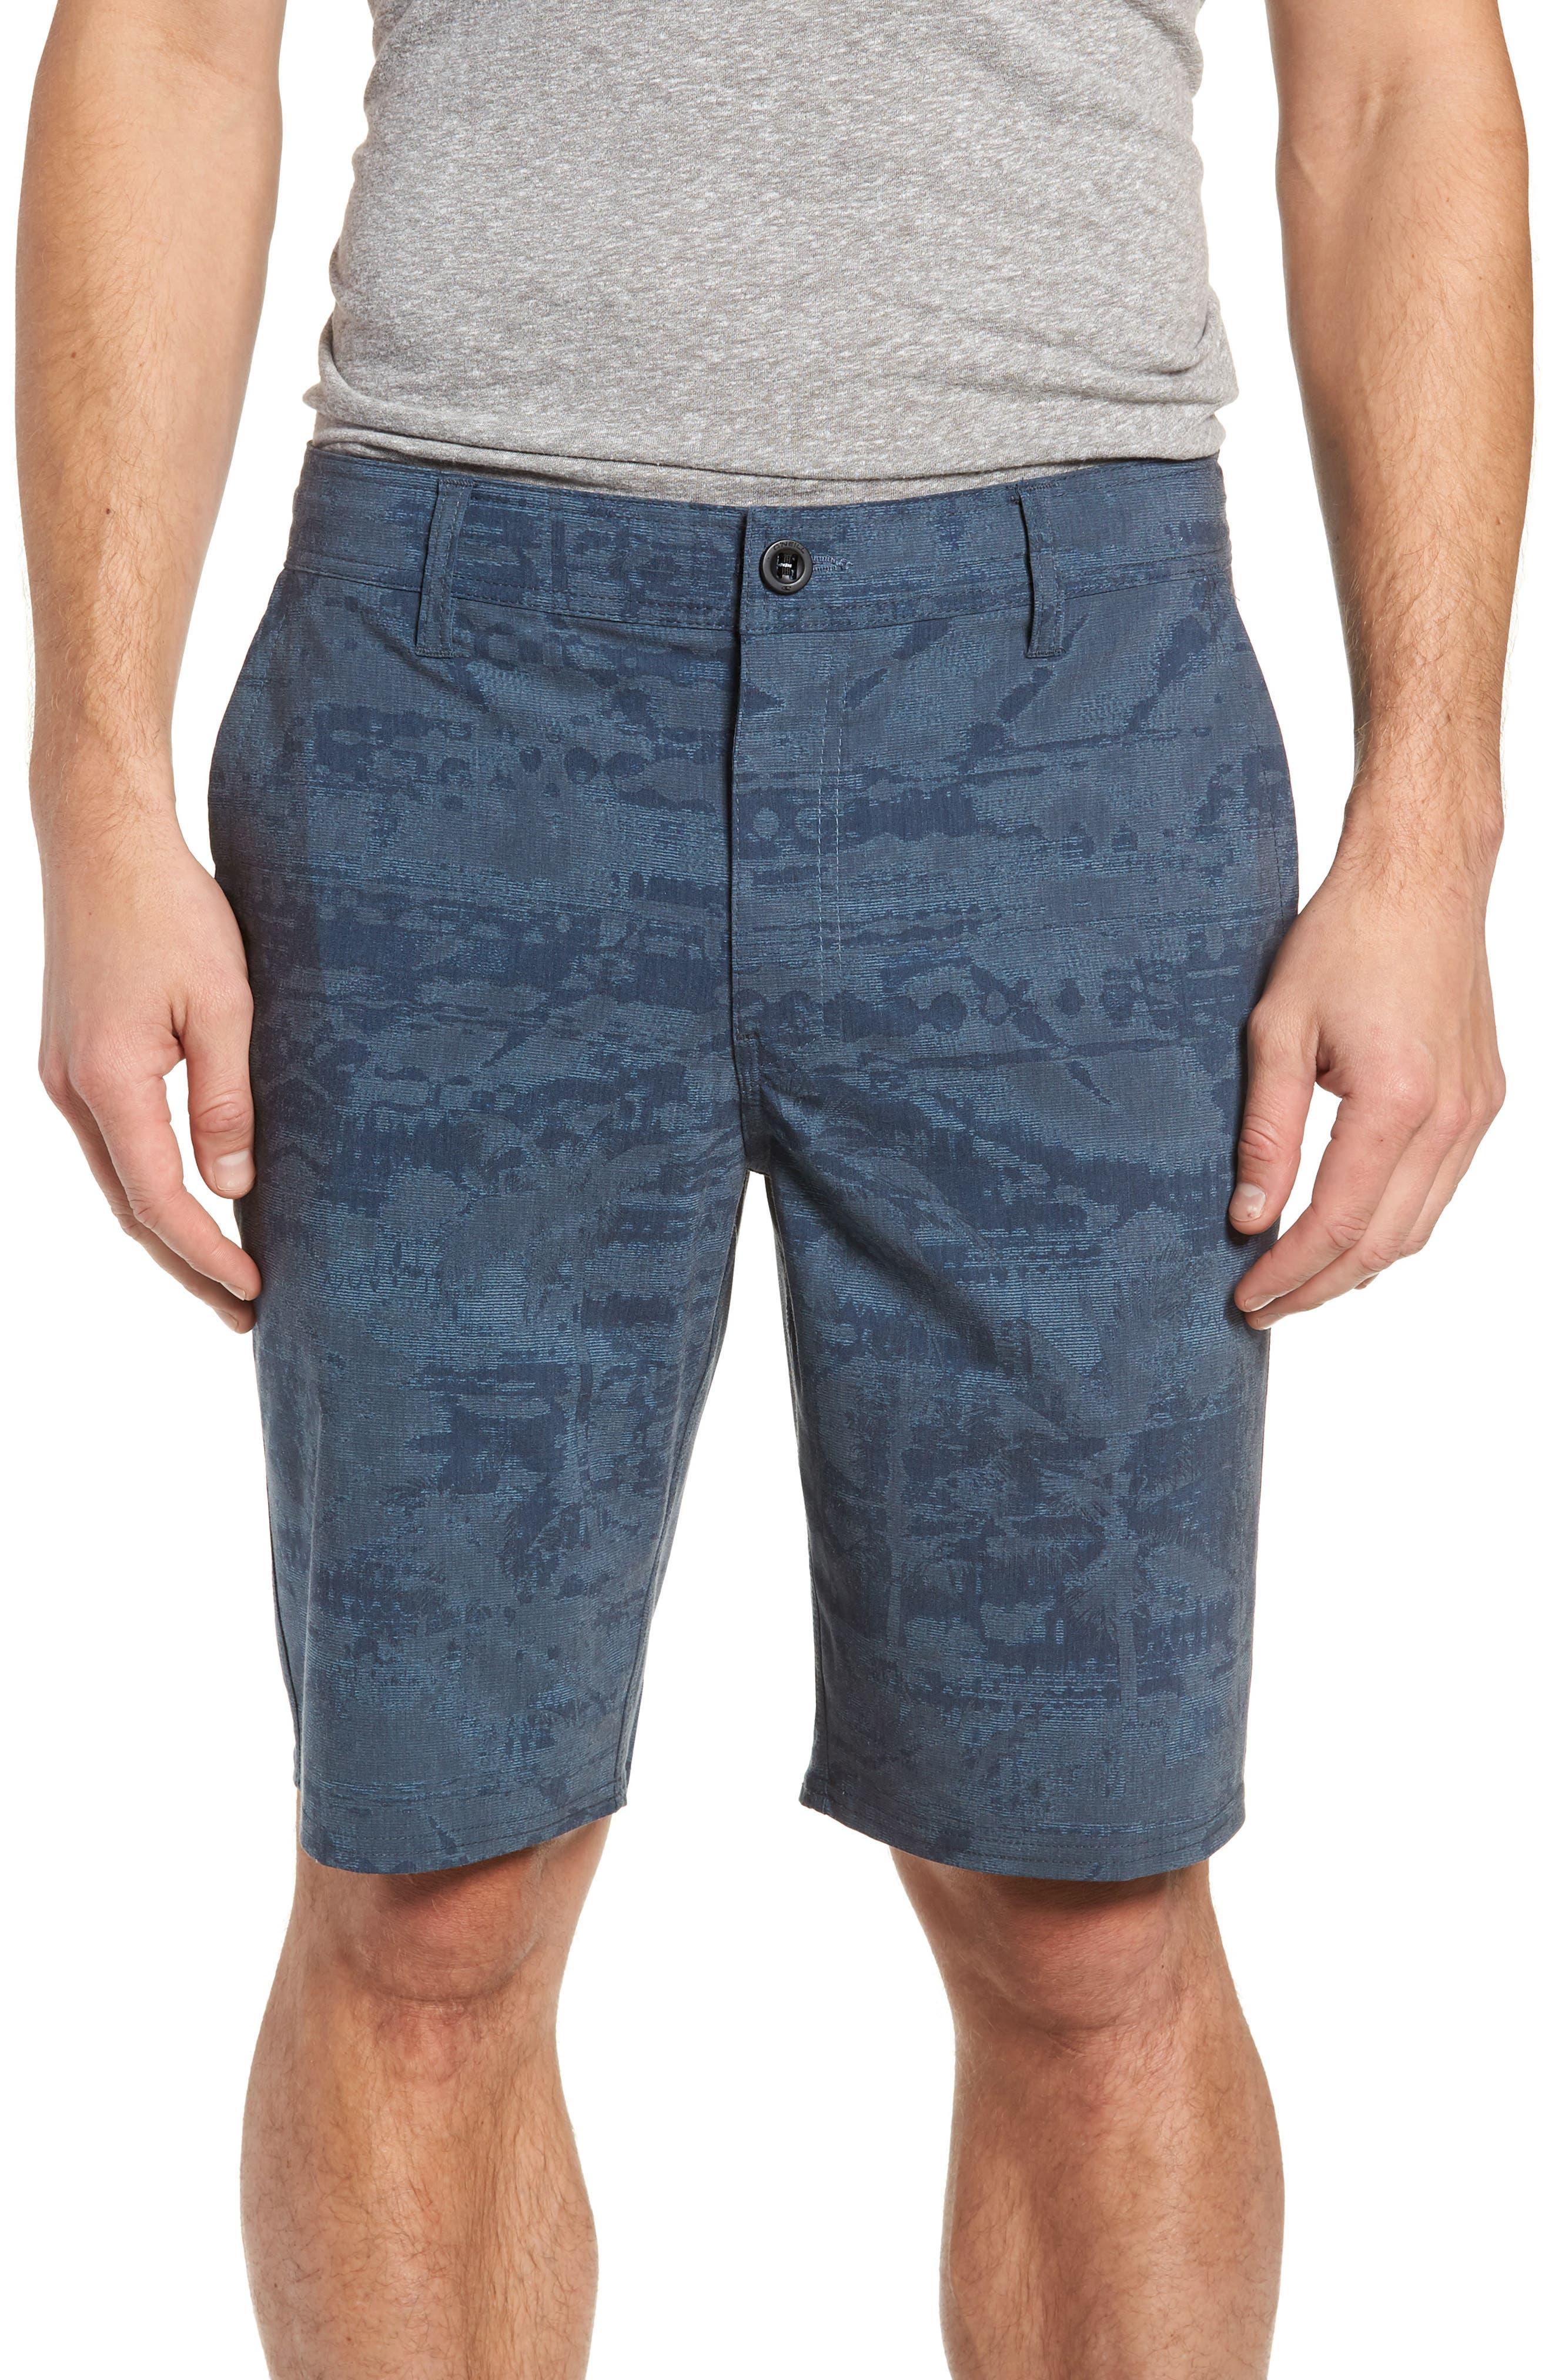 Mixed Hybrid Shorts,                             Main thumbnail 1, color,                             410